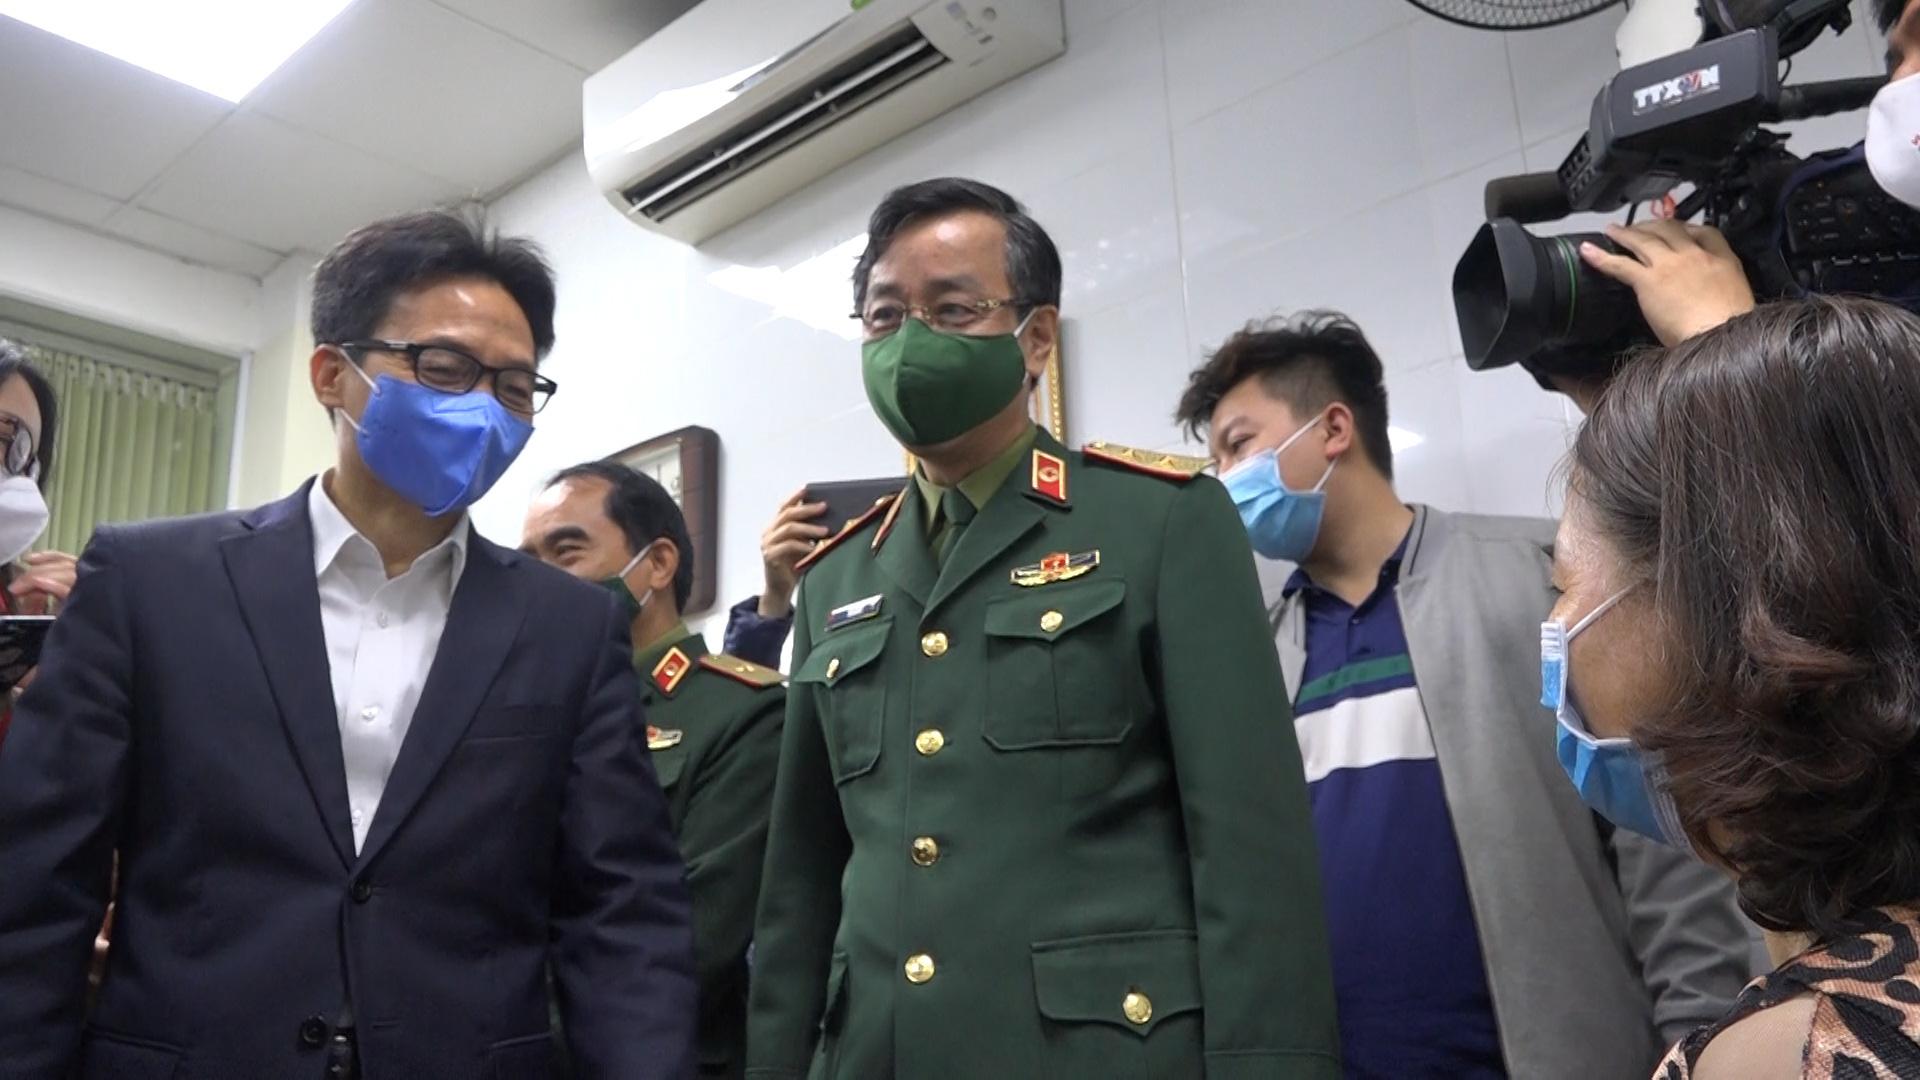 Việt Nam thử nghiệm lâm sàng vắc xin COVID-19 Nano Covax giai đoạn 2 - Ảnh 4.